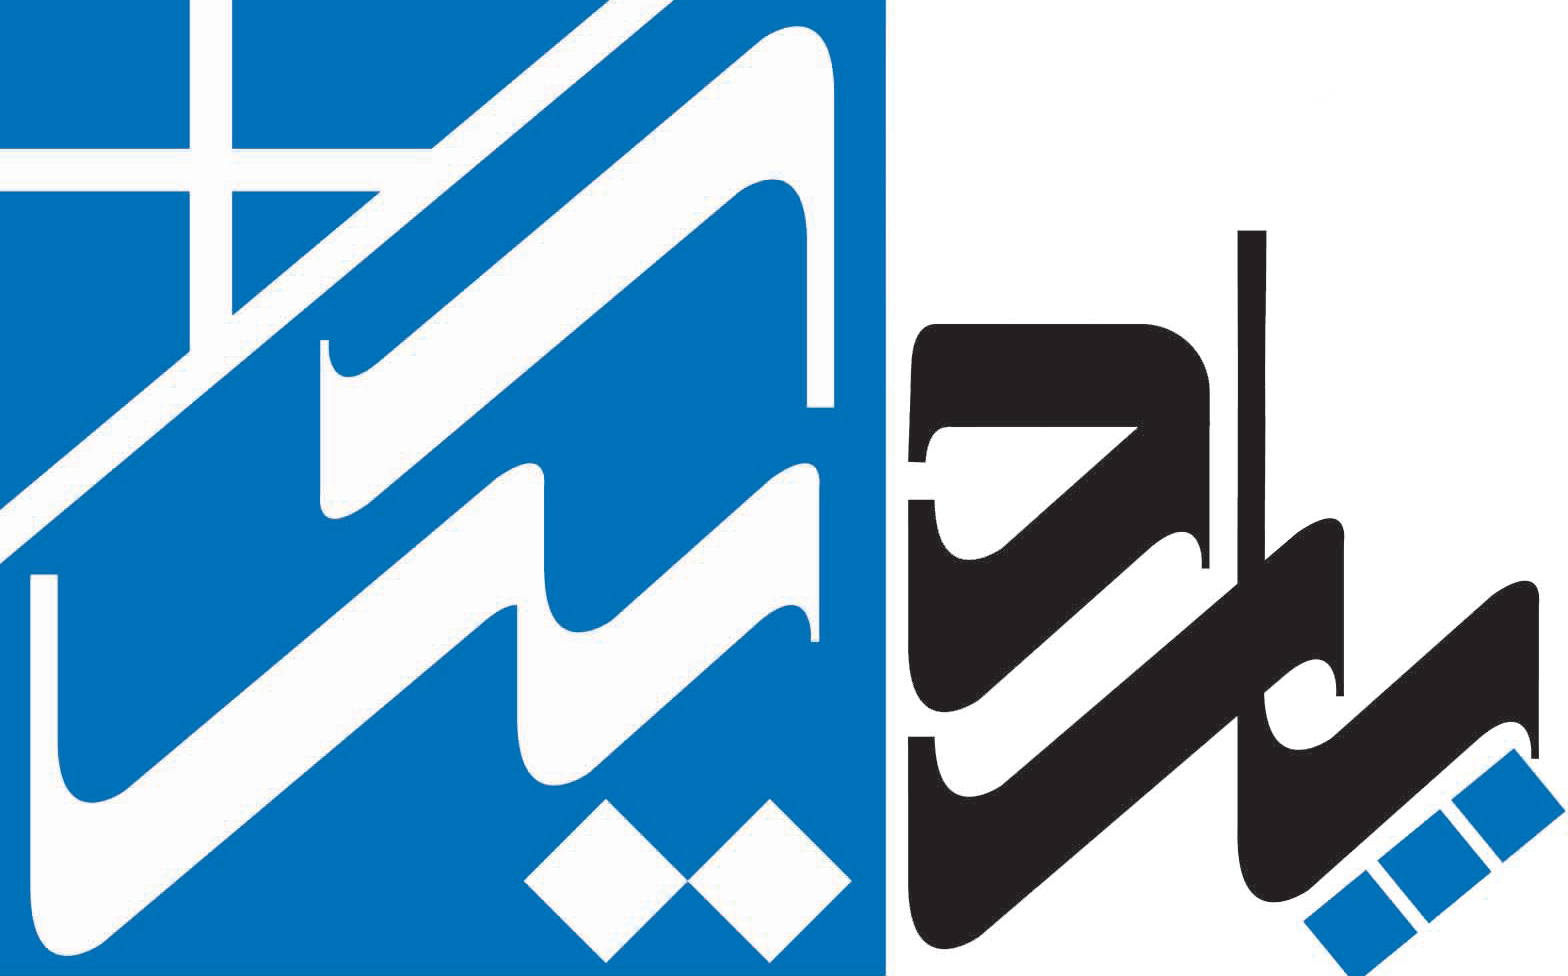 پاردیک-pardic-logo